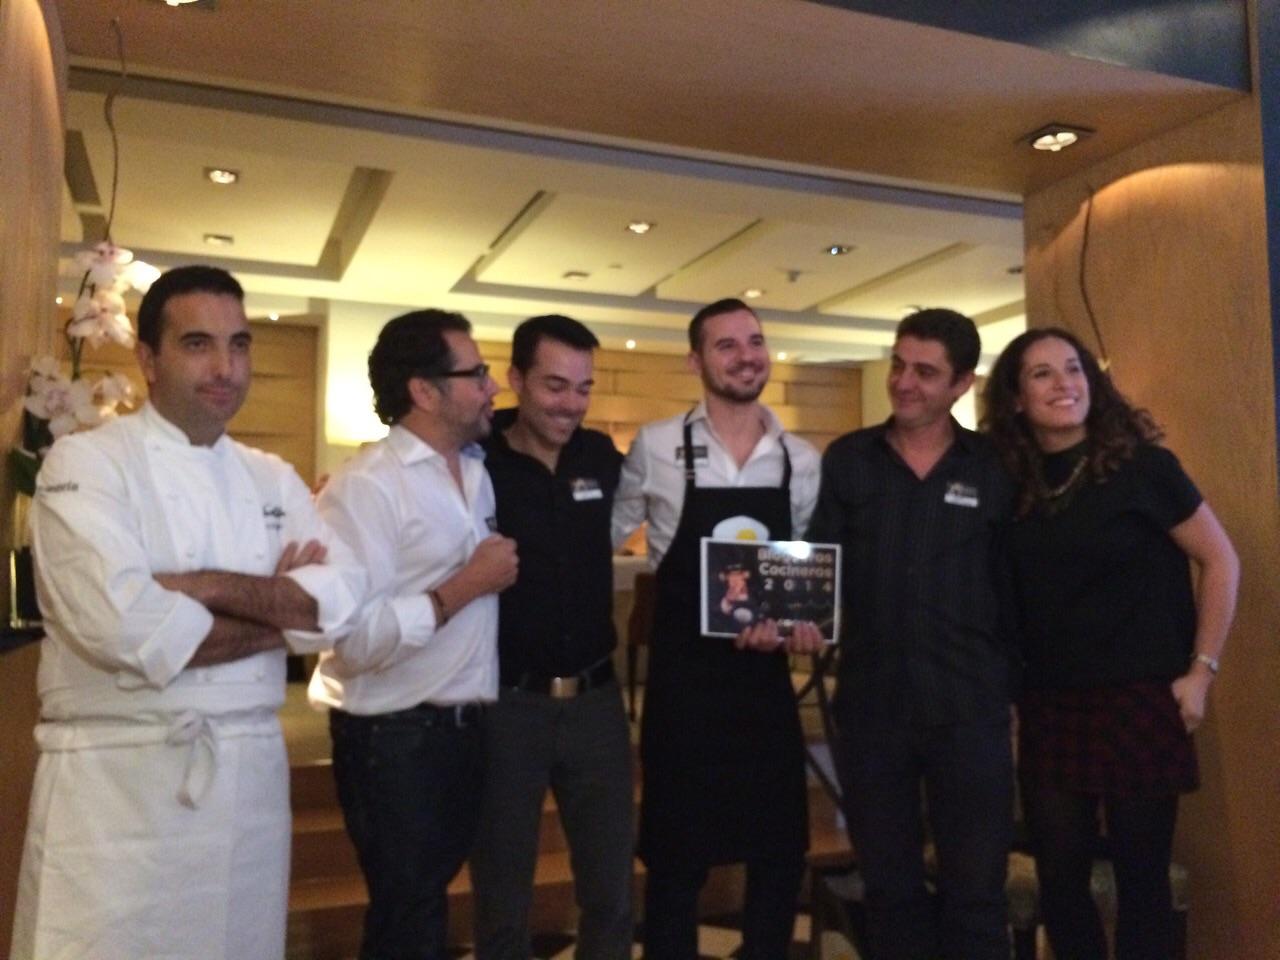 Premio canal cocina 2014. Chef Orielo. Mejor blog de cocina